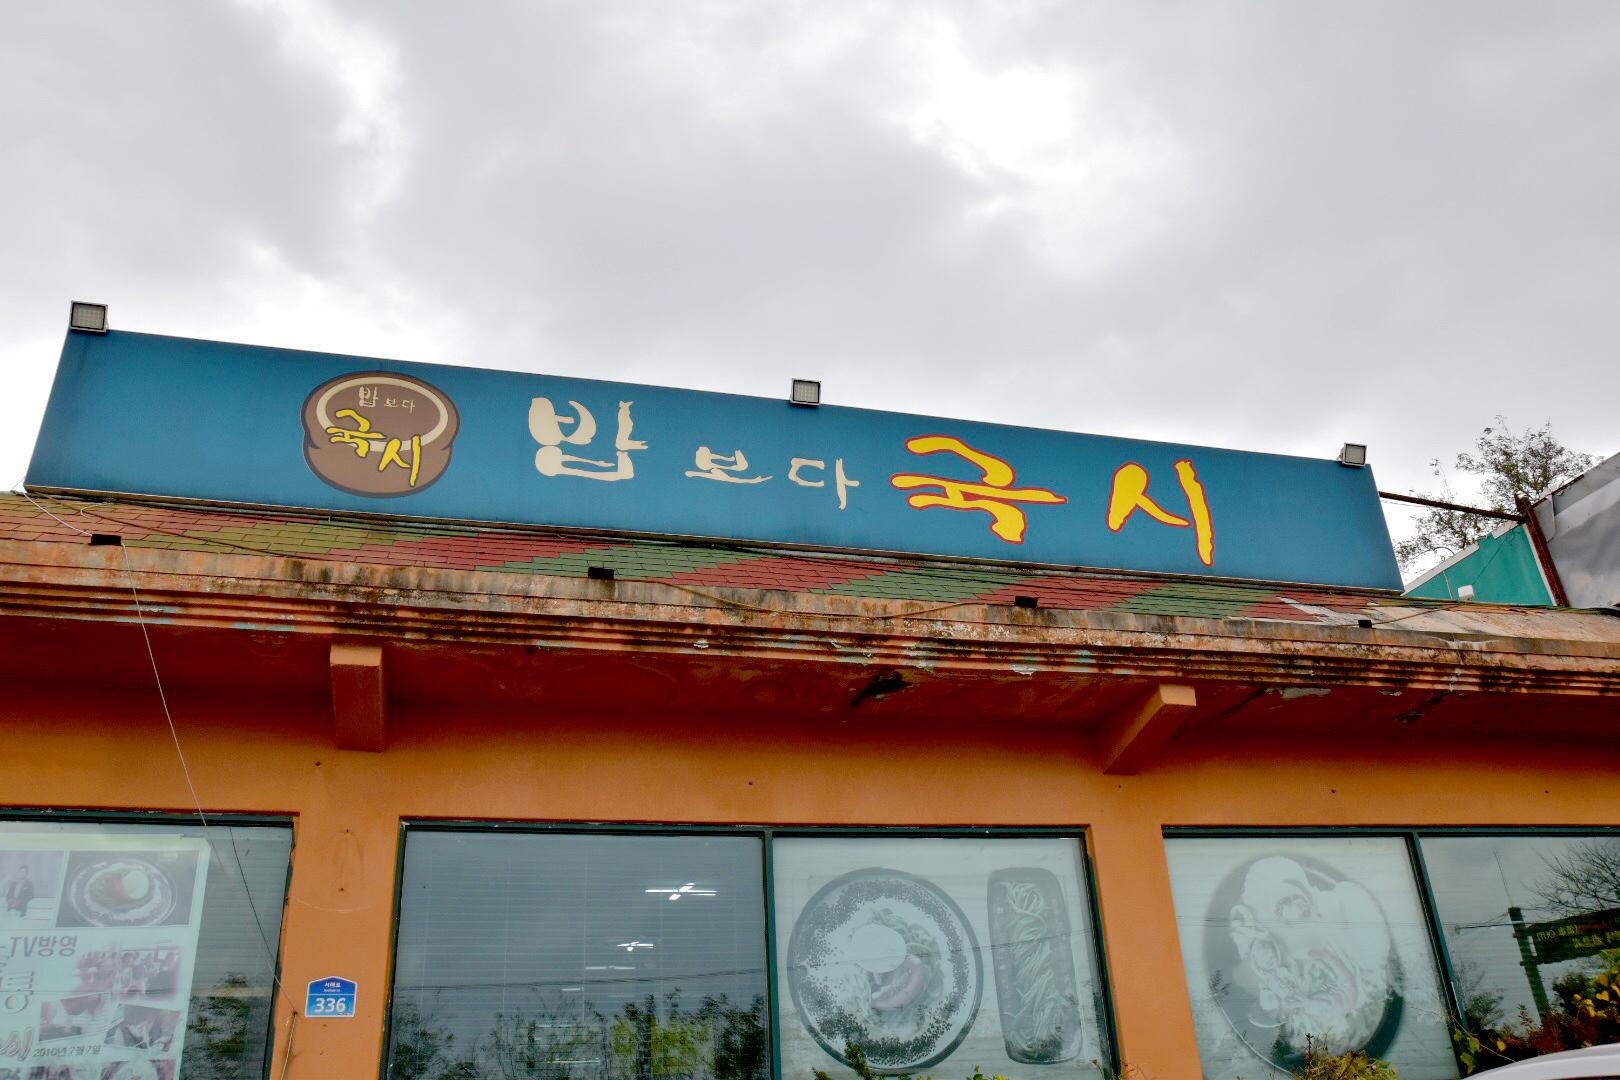 평택호 관광단지 맛집- 밥보다 국시 #어죽